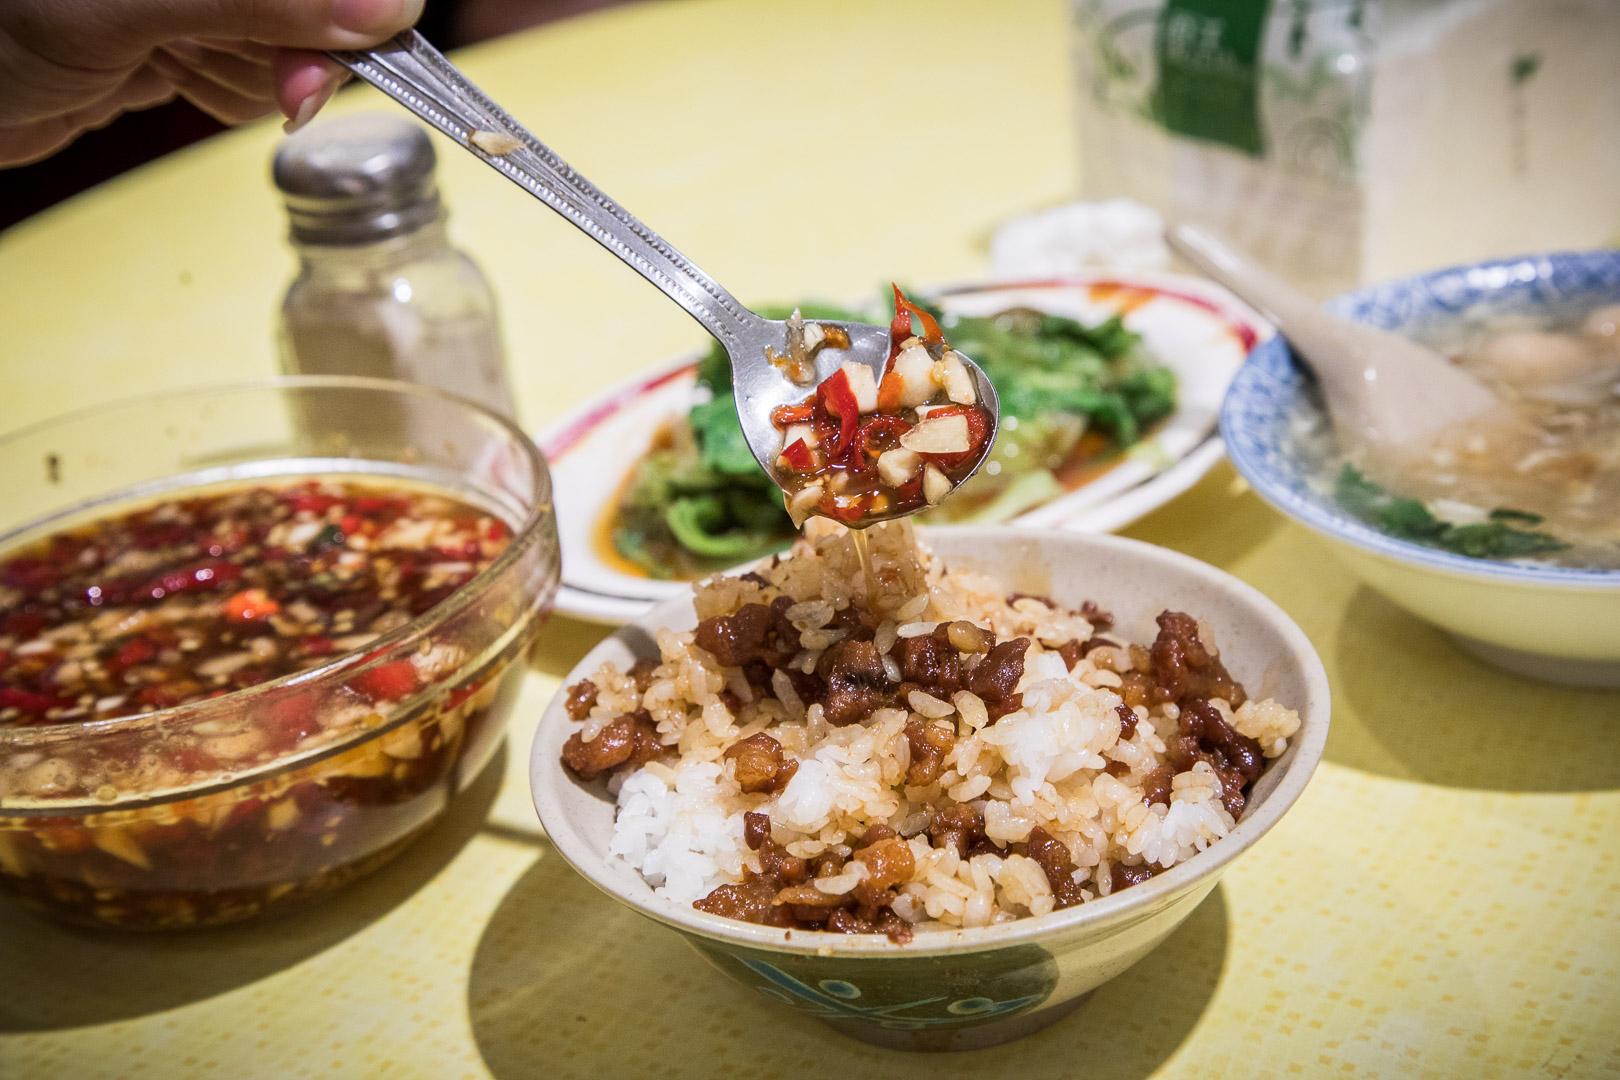 三重美食 》店小二魯肉飯,無時無刻都爆滿!三重三大滷肉飯之一,蝦仁焿也超棒的!